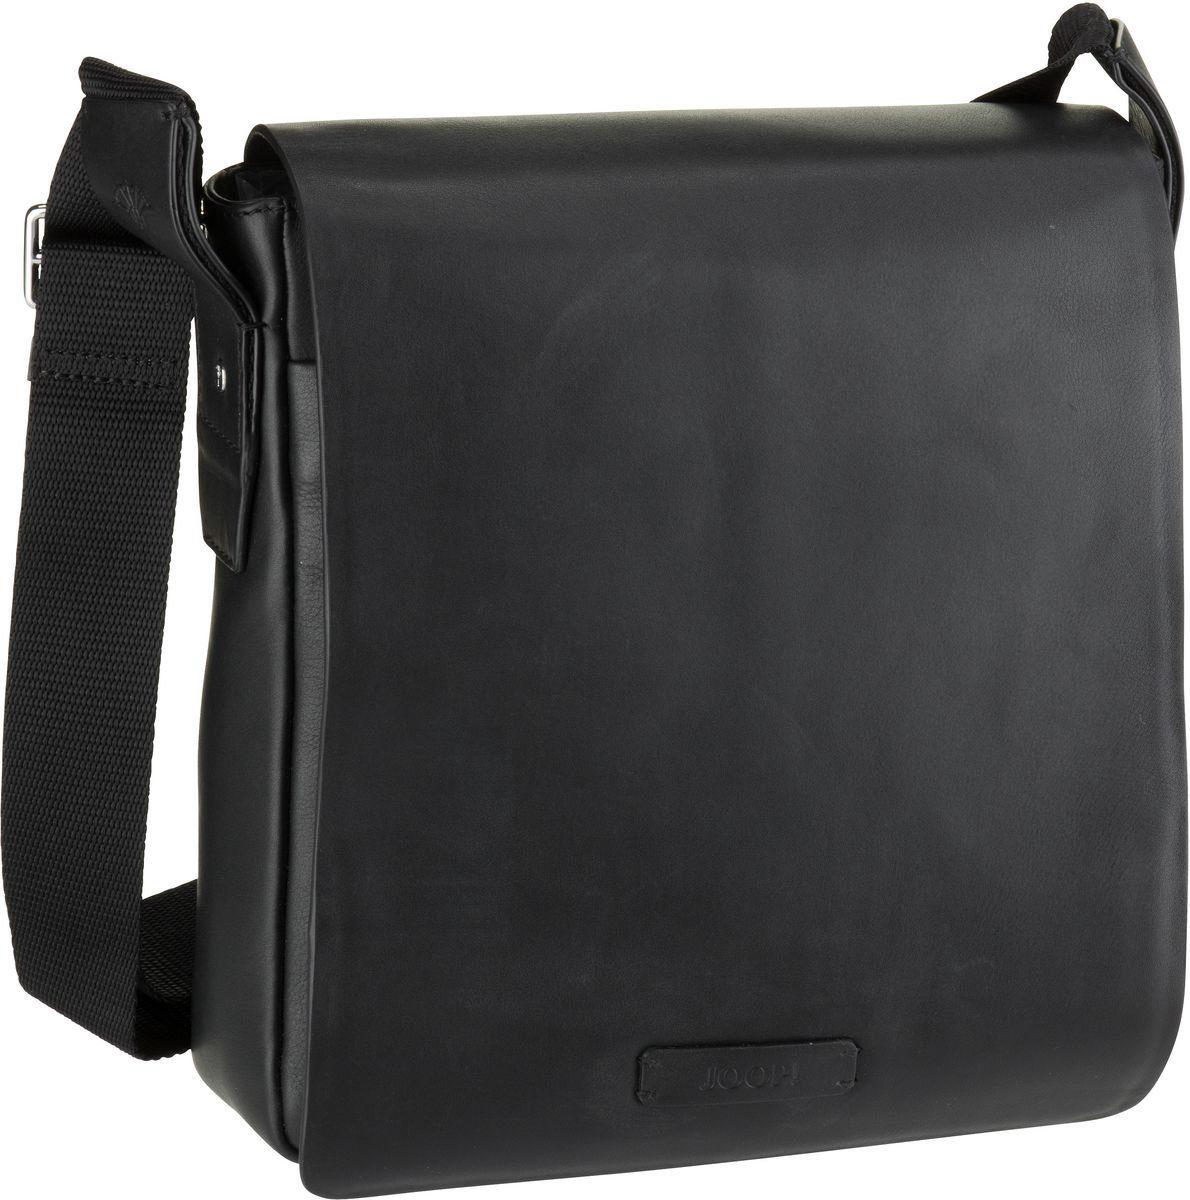 Joop! Notebooktasche / Tablet »Vetra Paris ShoulderBag XSVF«